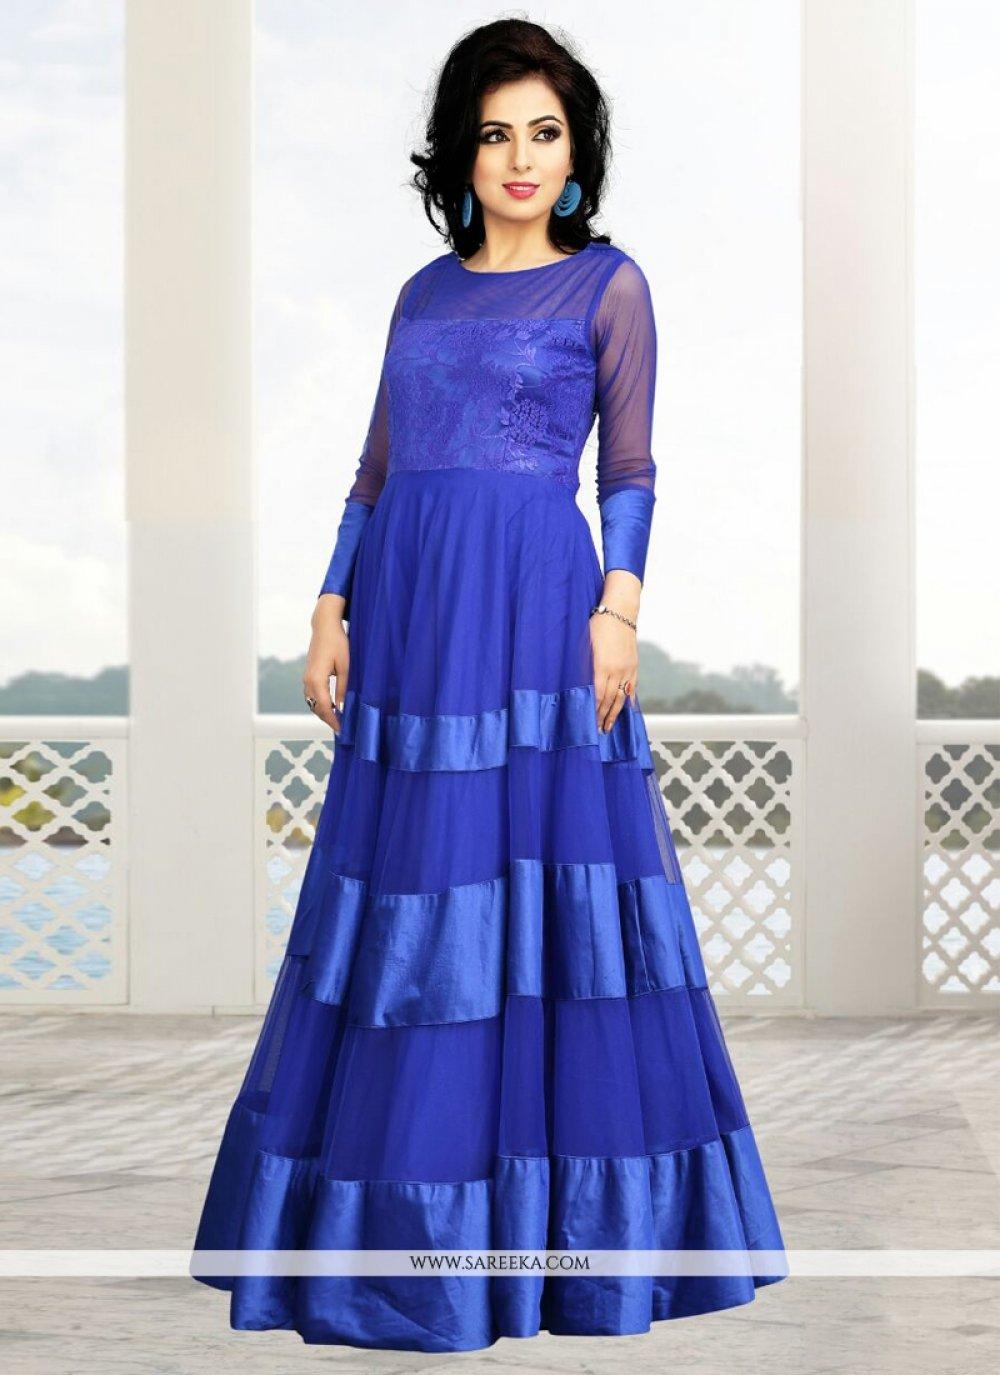 Blue Soft Net Party Wear Gown